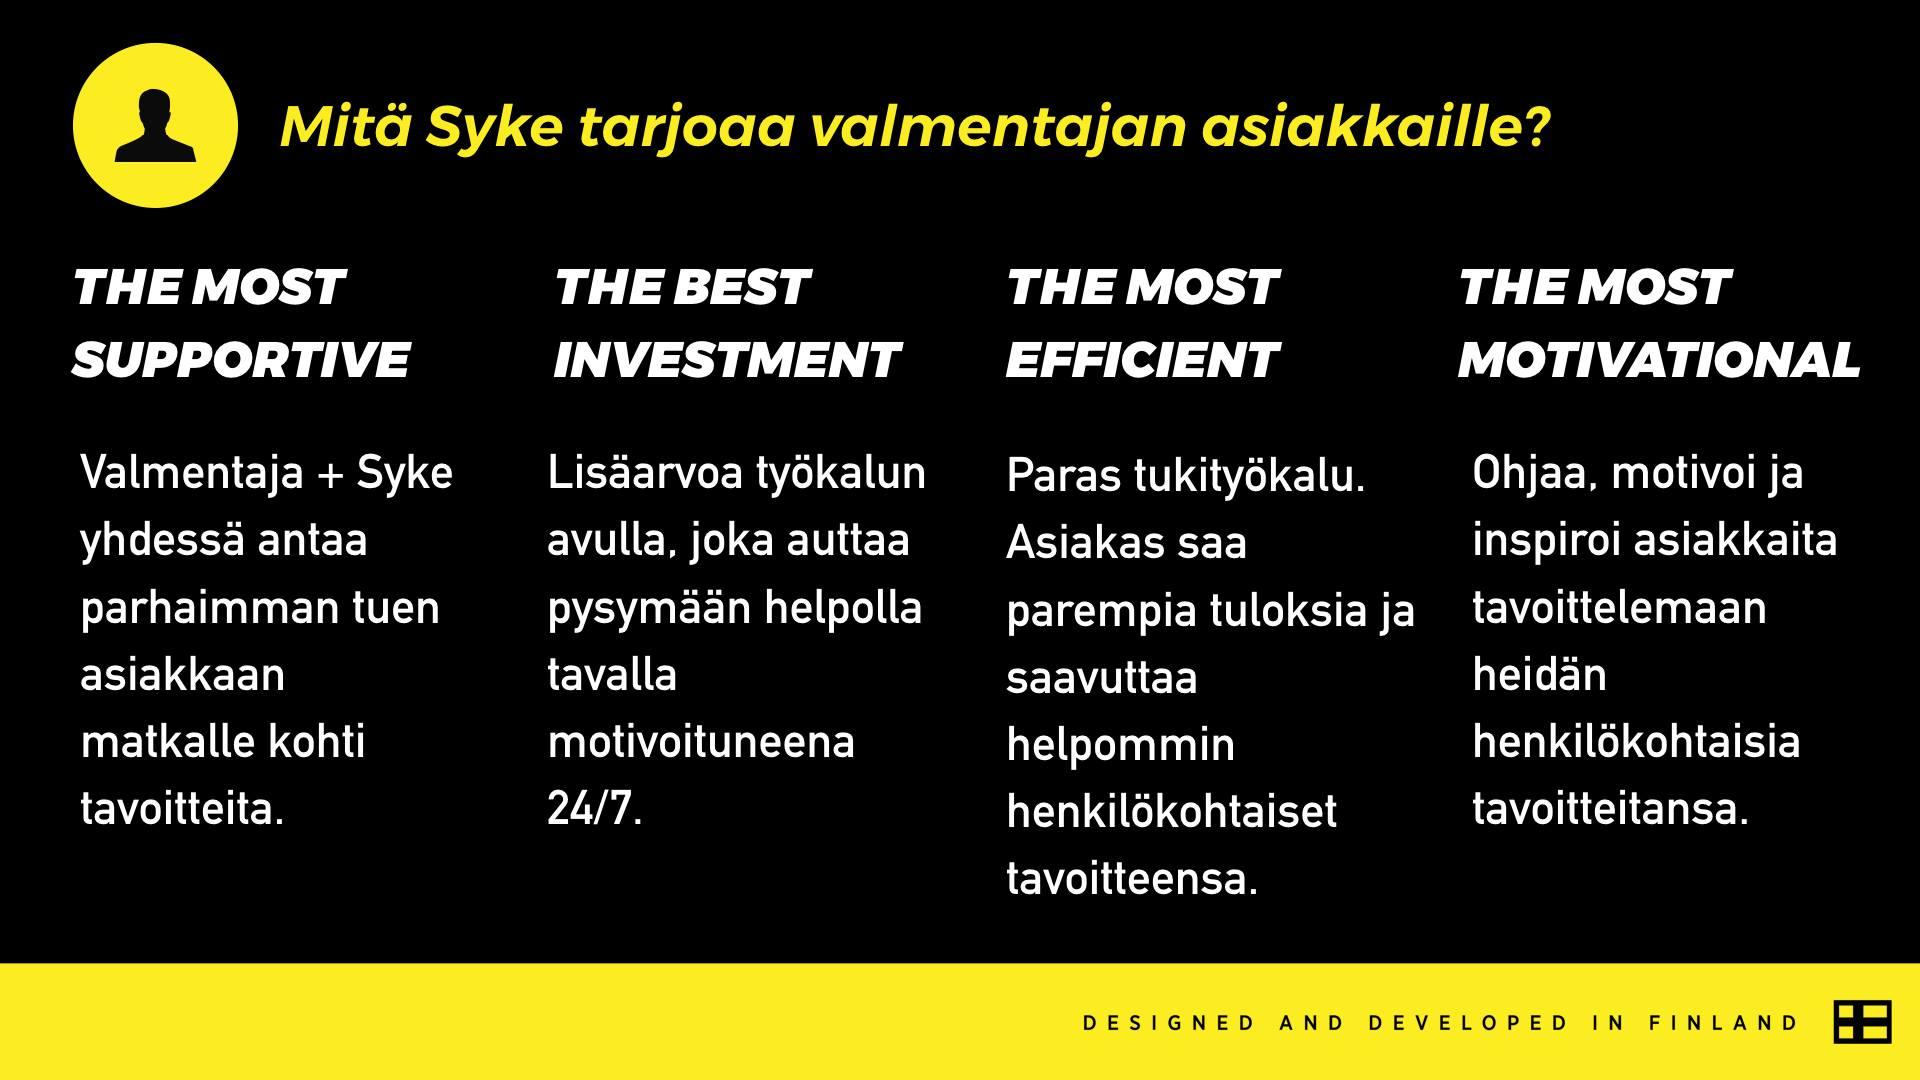 Mita-Syke-Tribe-tarjoaa-asiakkaalle